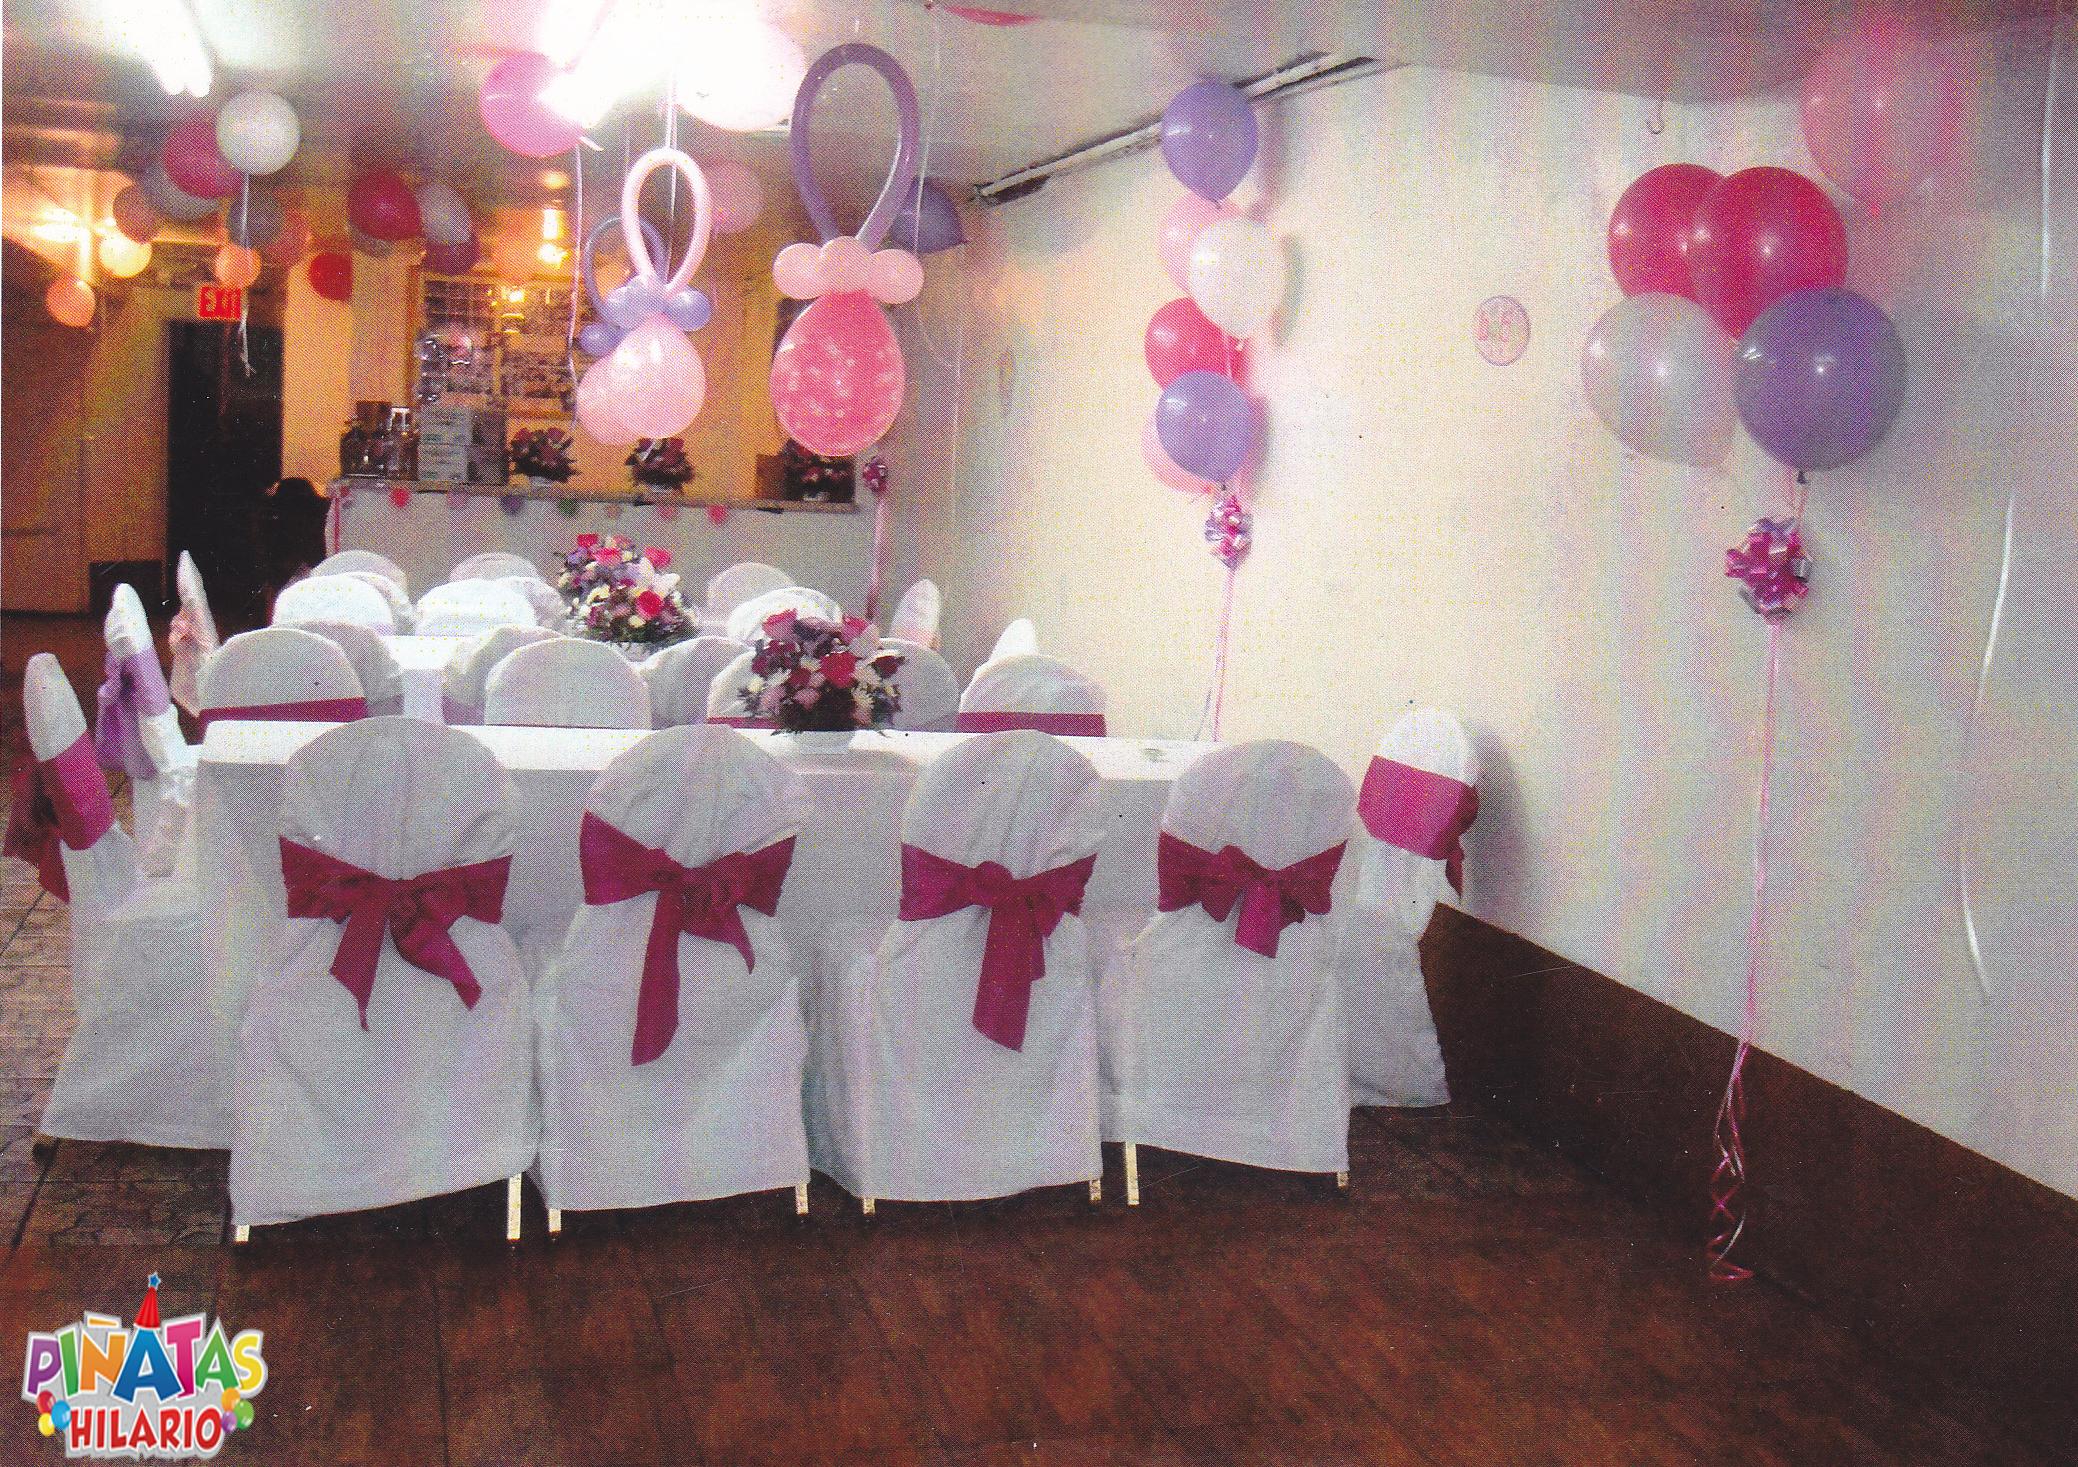 Decorations pinatas hilario party supplies - Decoraciones baby shower ...